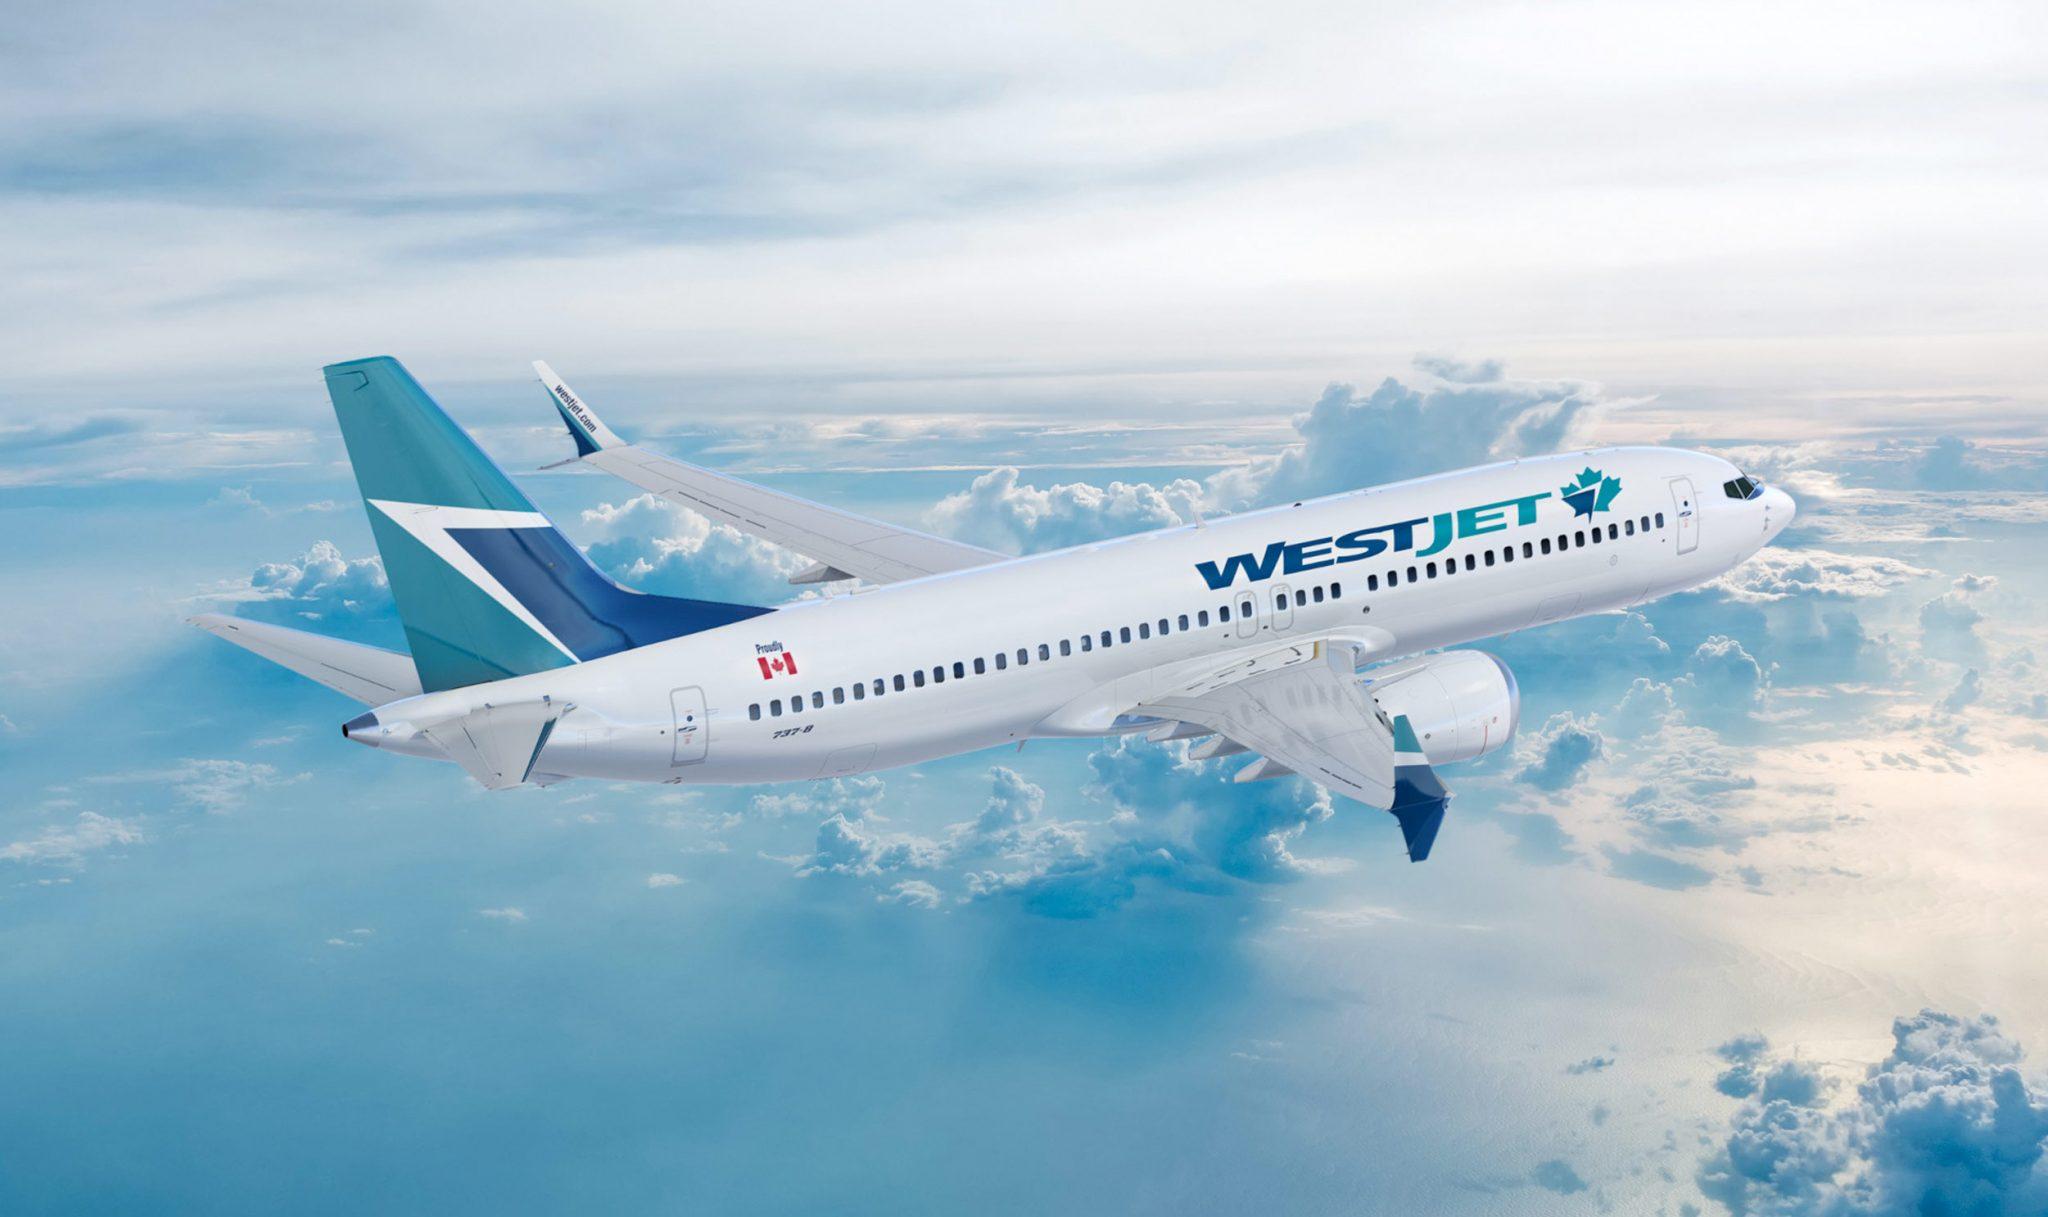 Aerolínea canadiense WestJet operará vuelo directo a Punta Cana